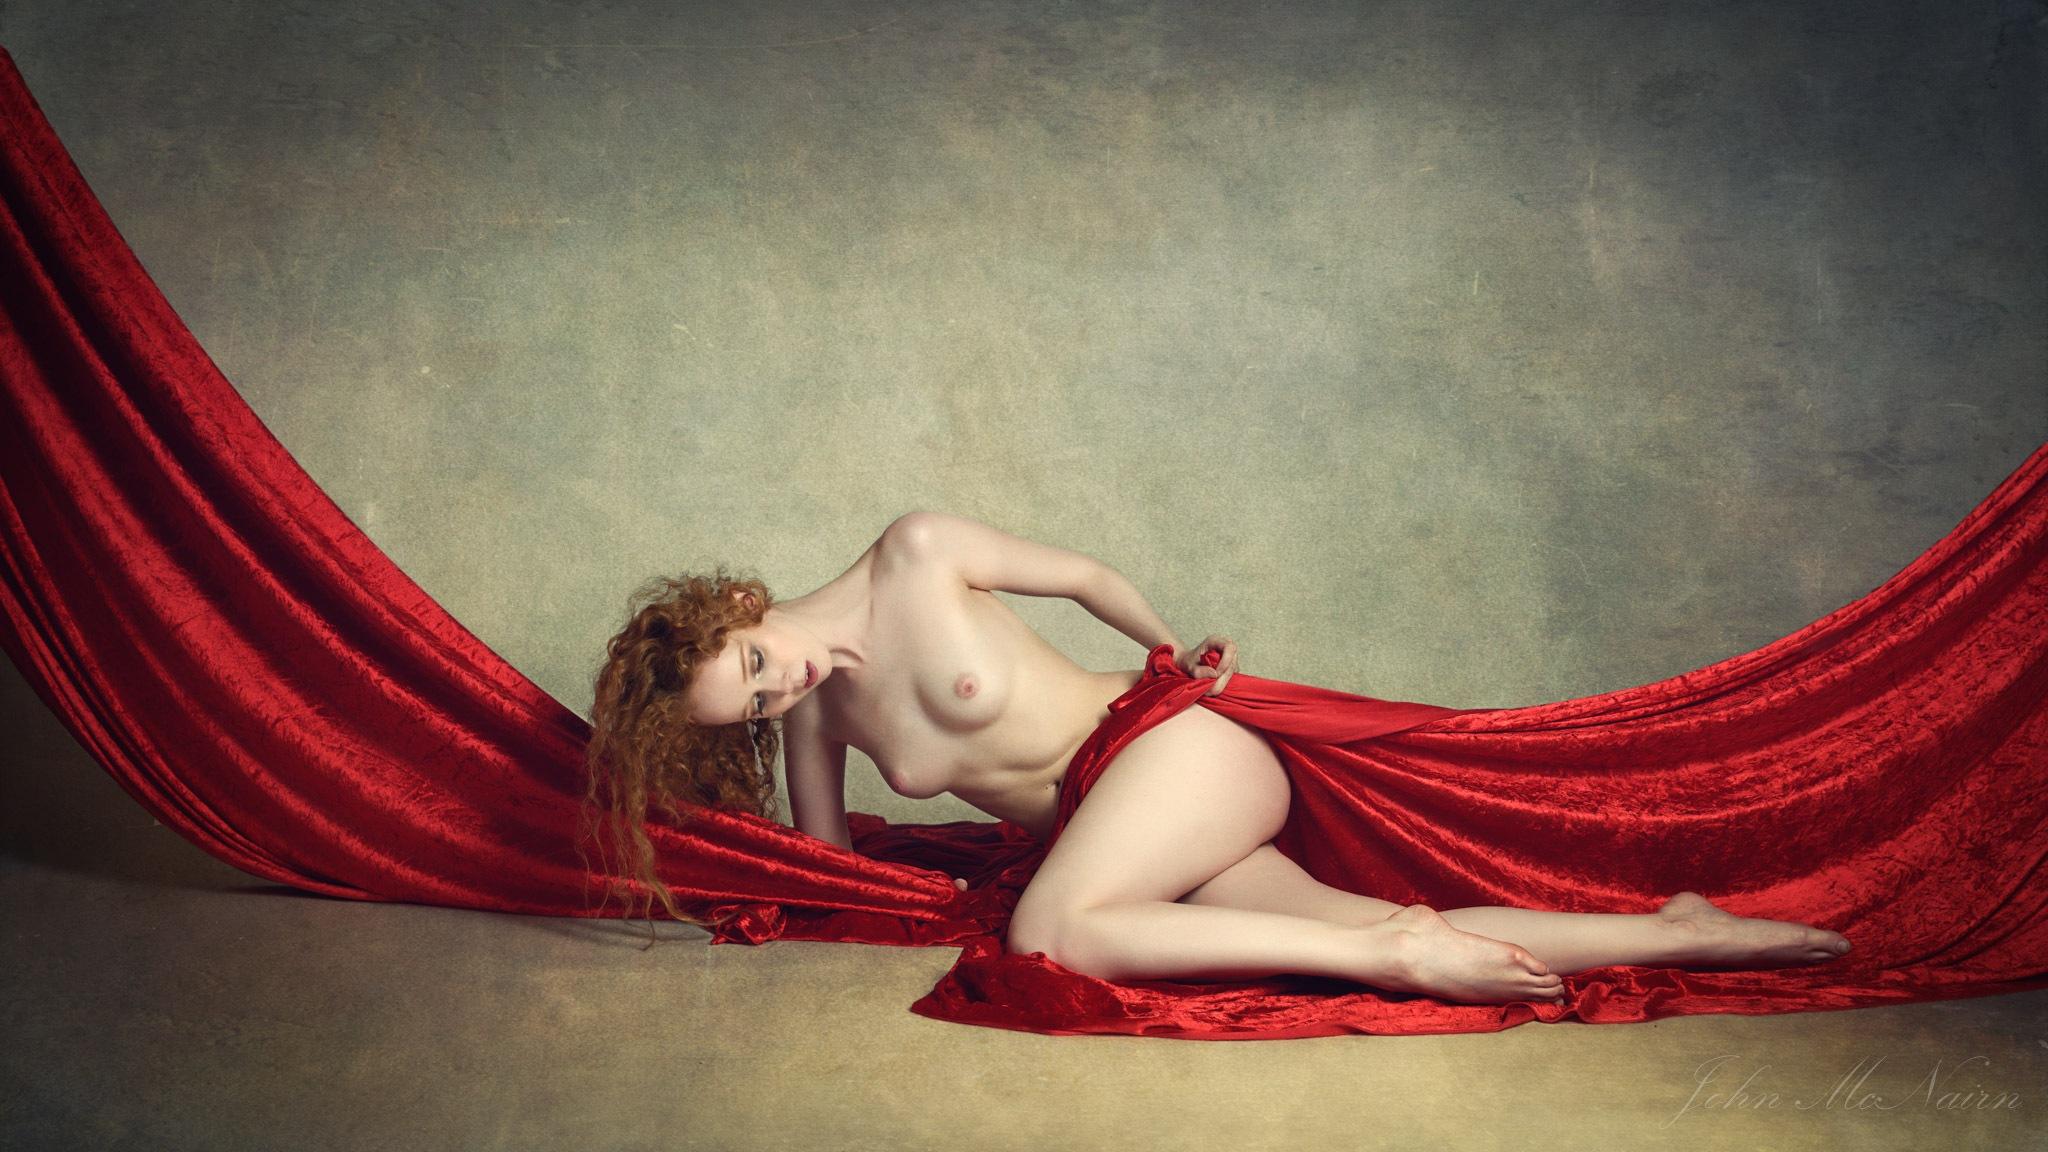 Gemma on Velvet by John McNairn